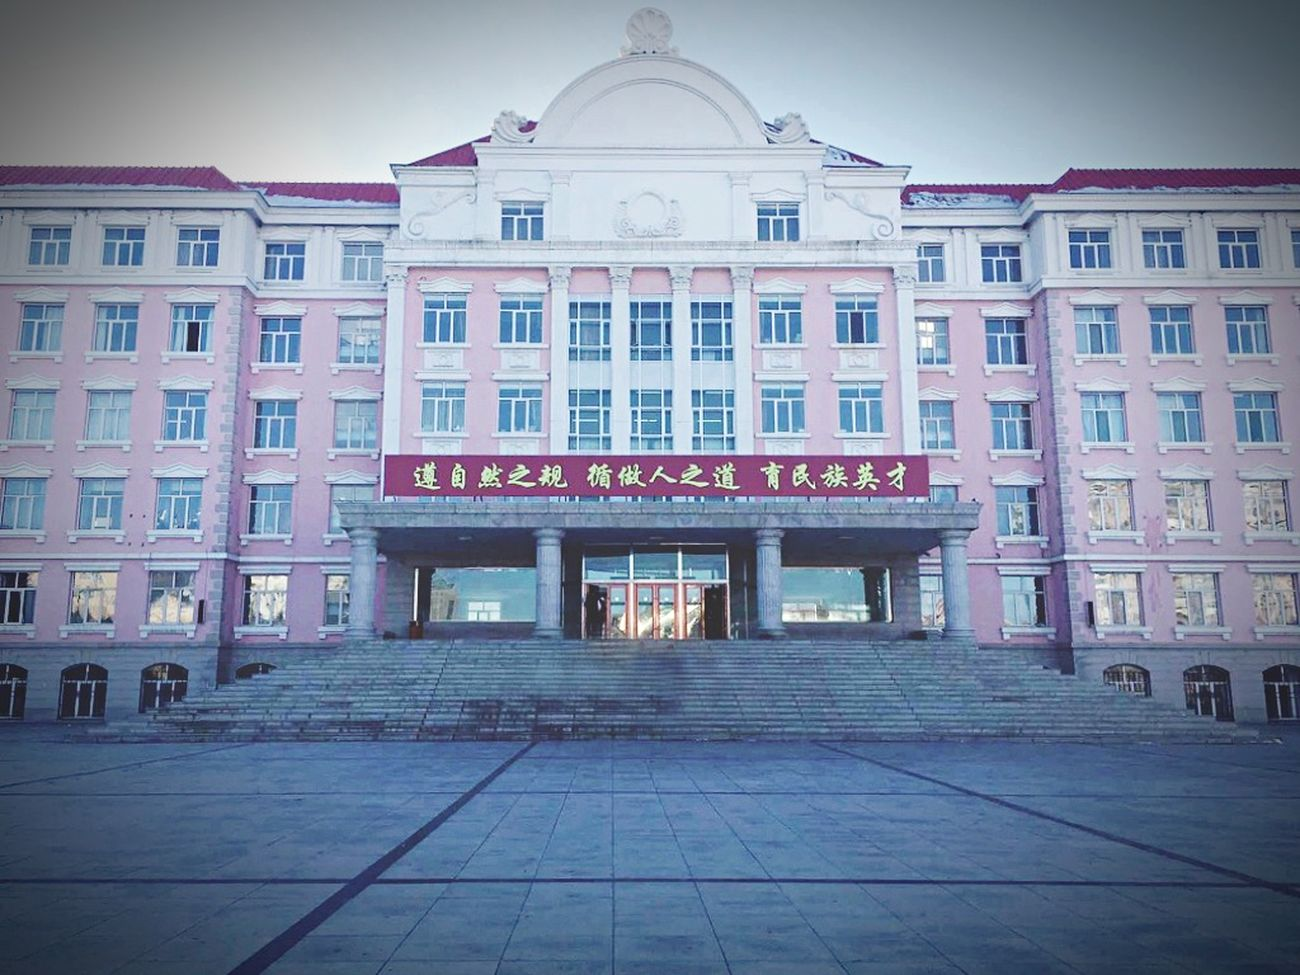 my school Sch school